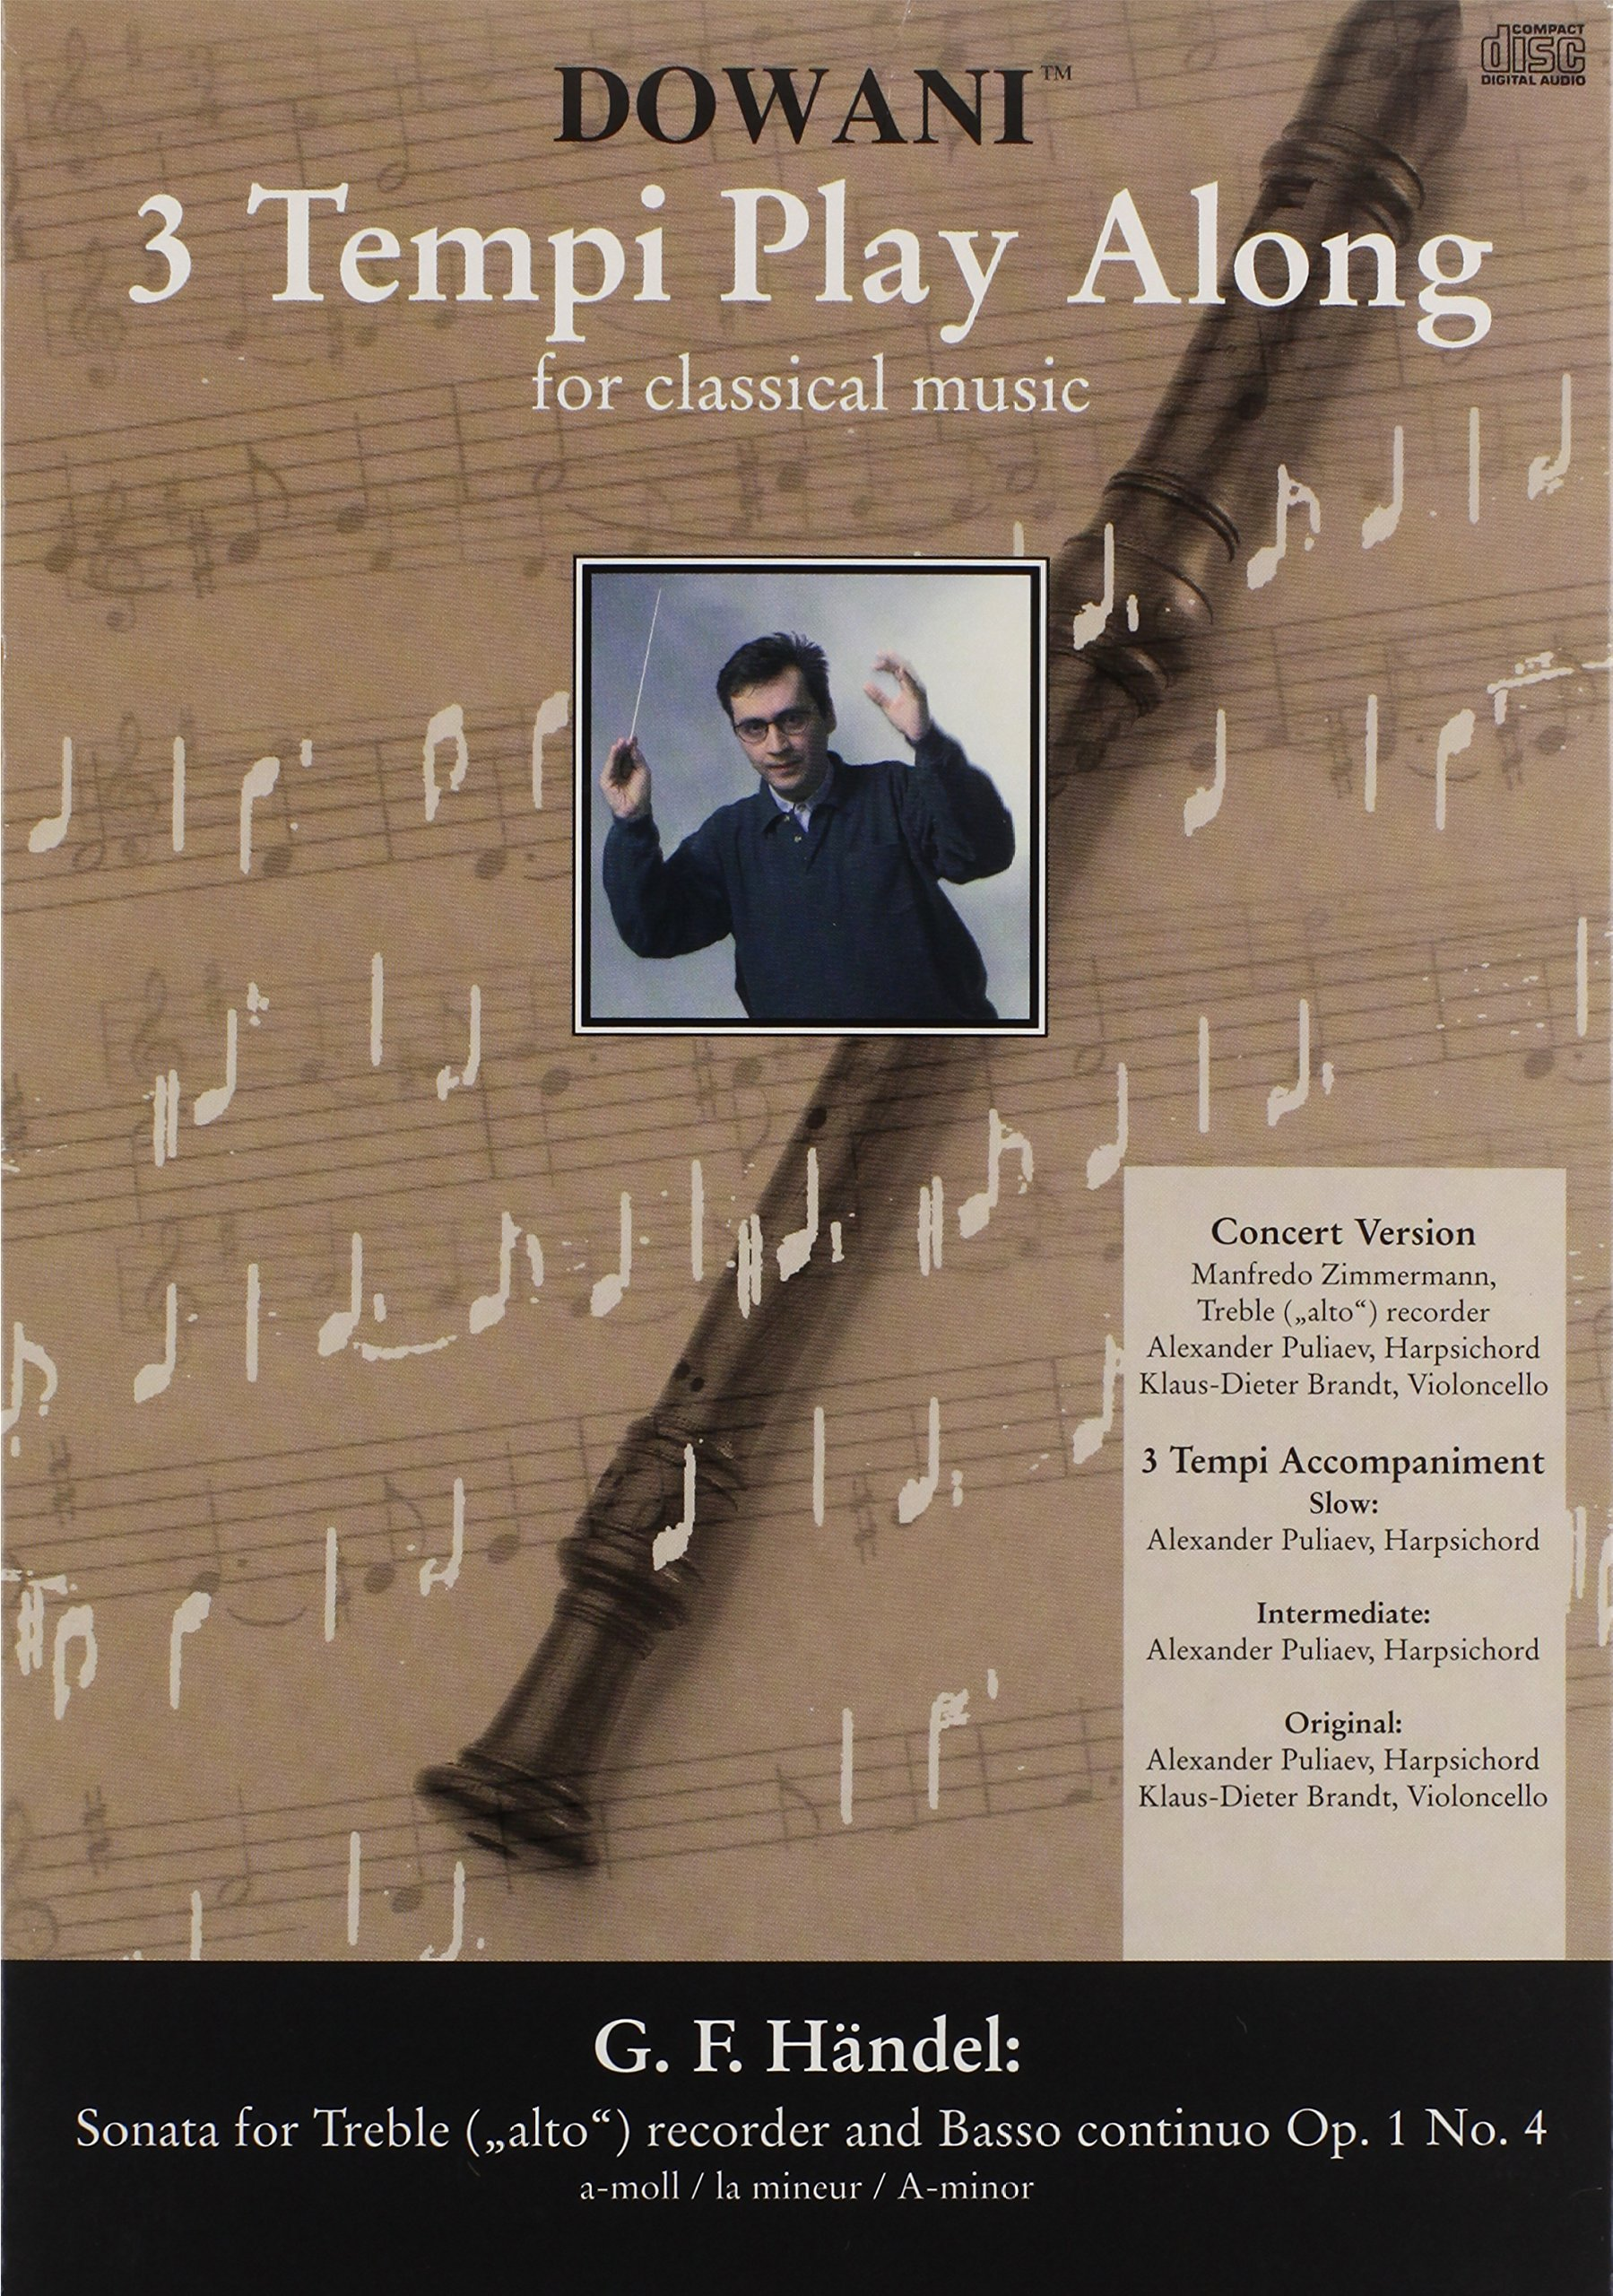 Handel - Sonata in A Minor Op. 1 No. 4 for Treble (Alto) Recorder and Basso Continuo